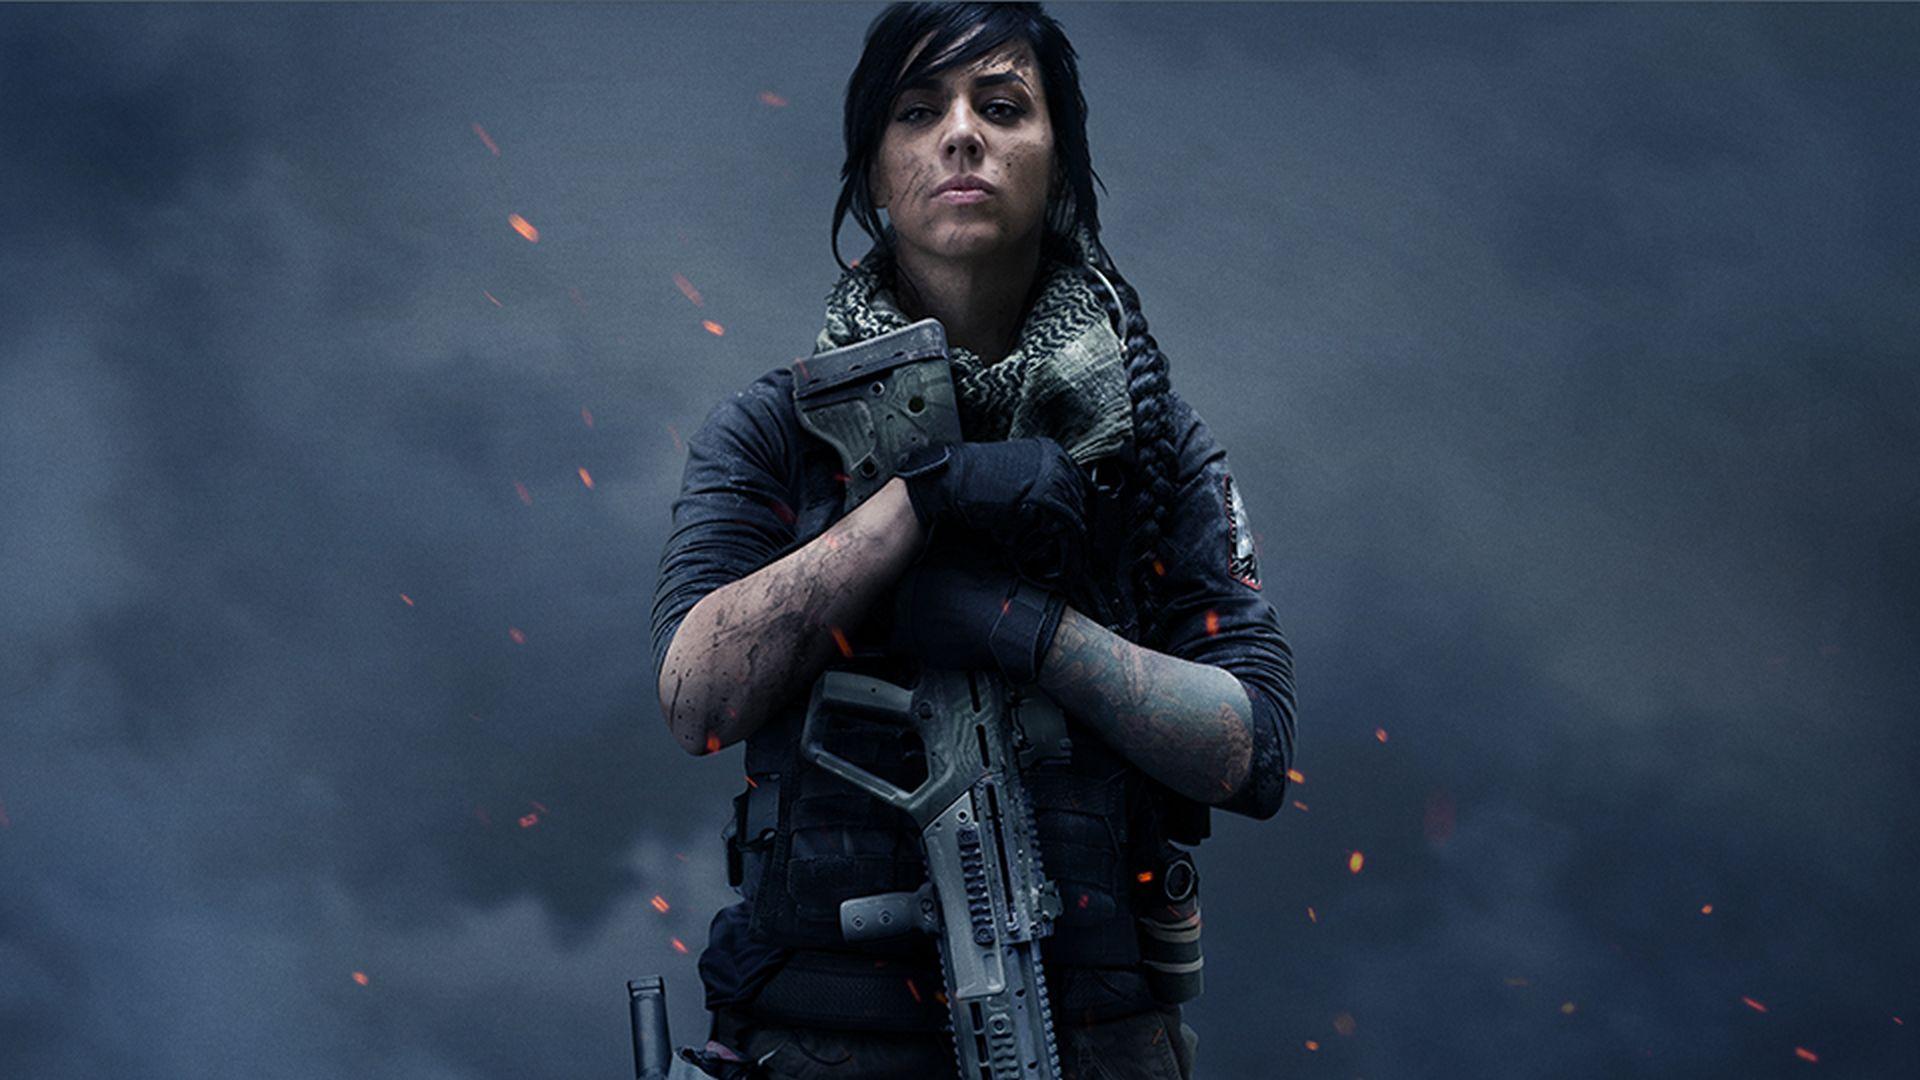 Call of Duty Modern Warfare - Season 1